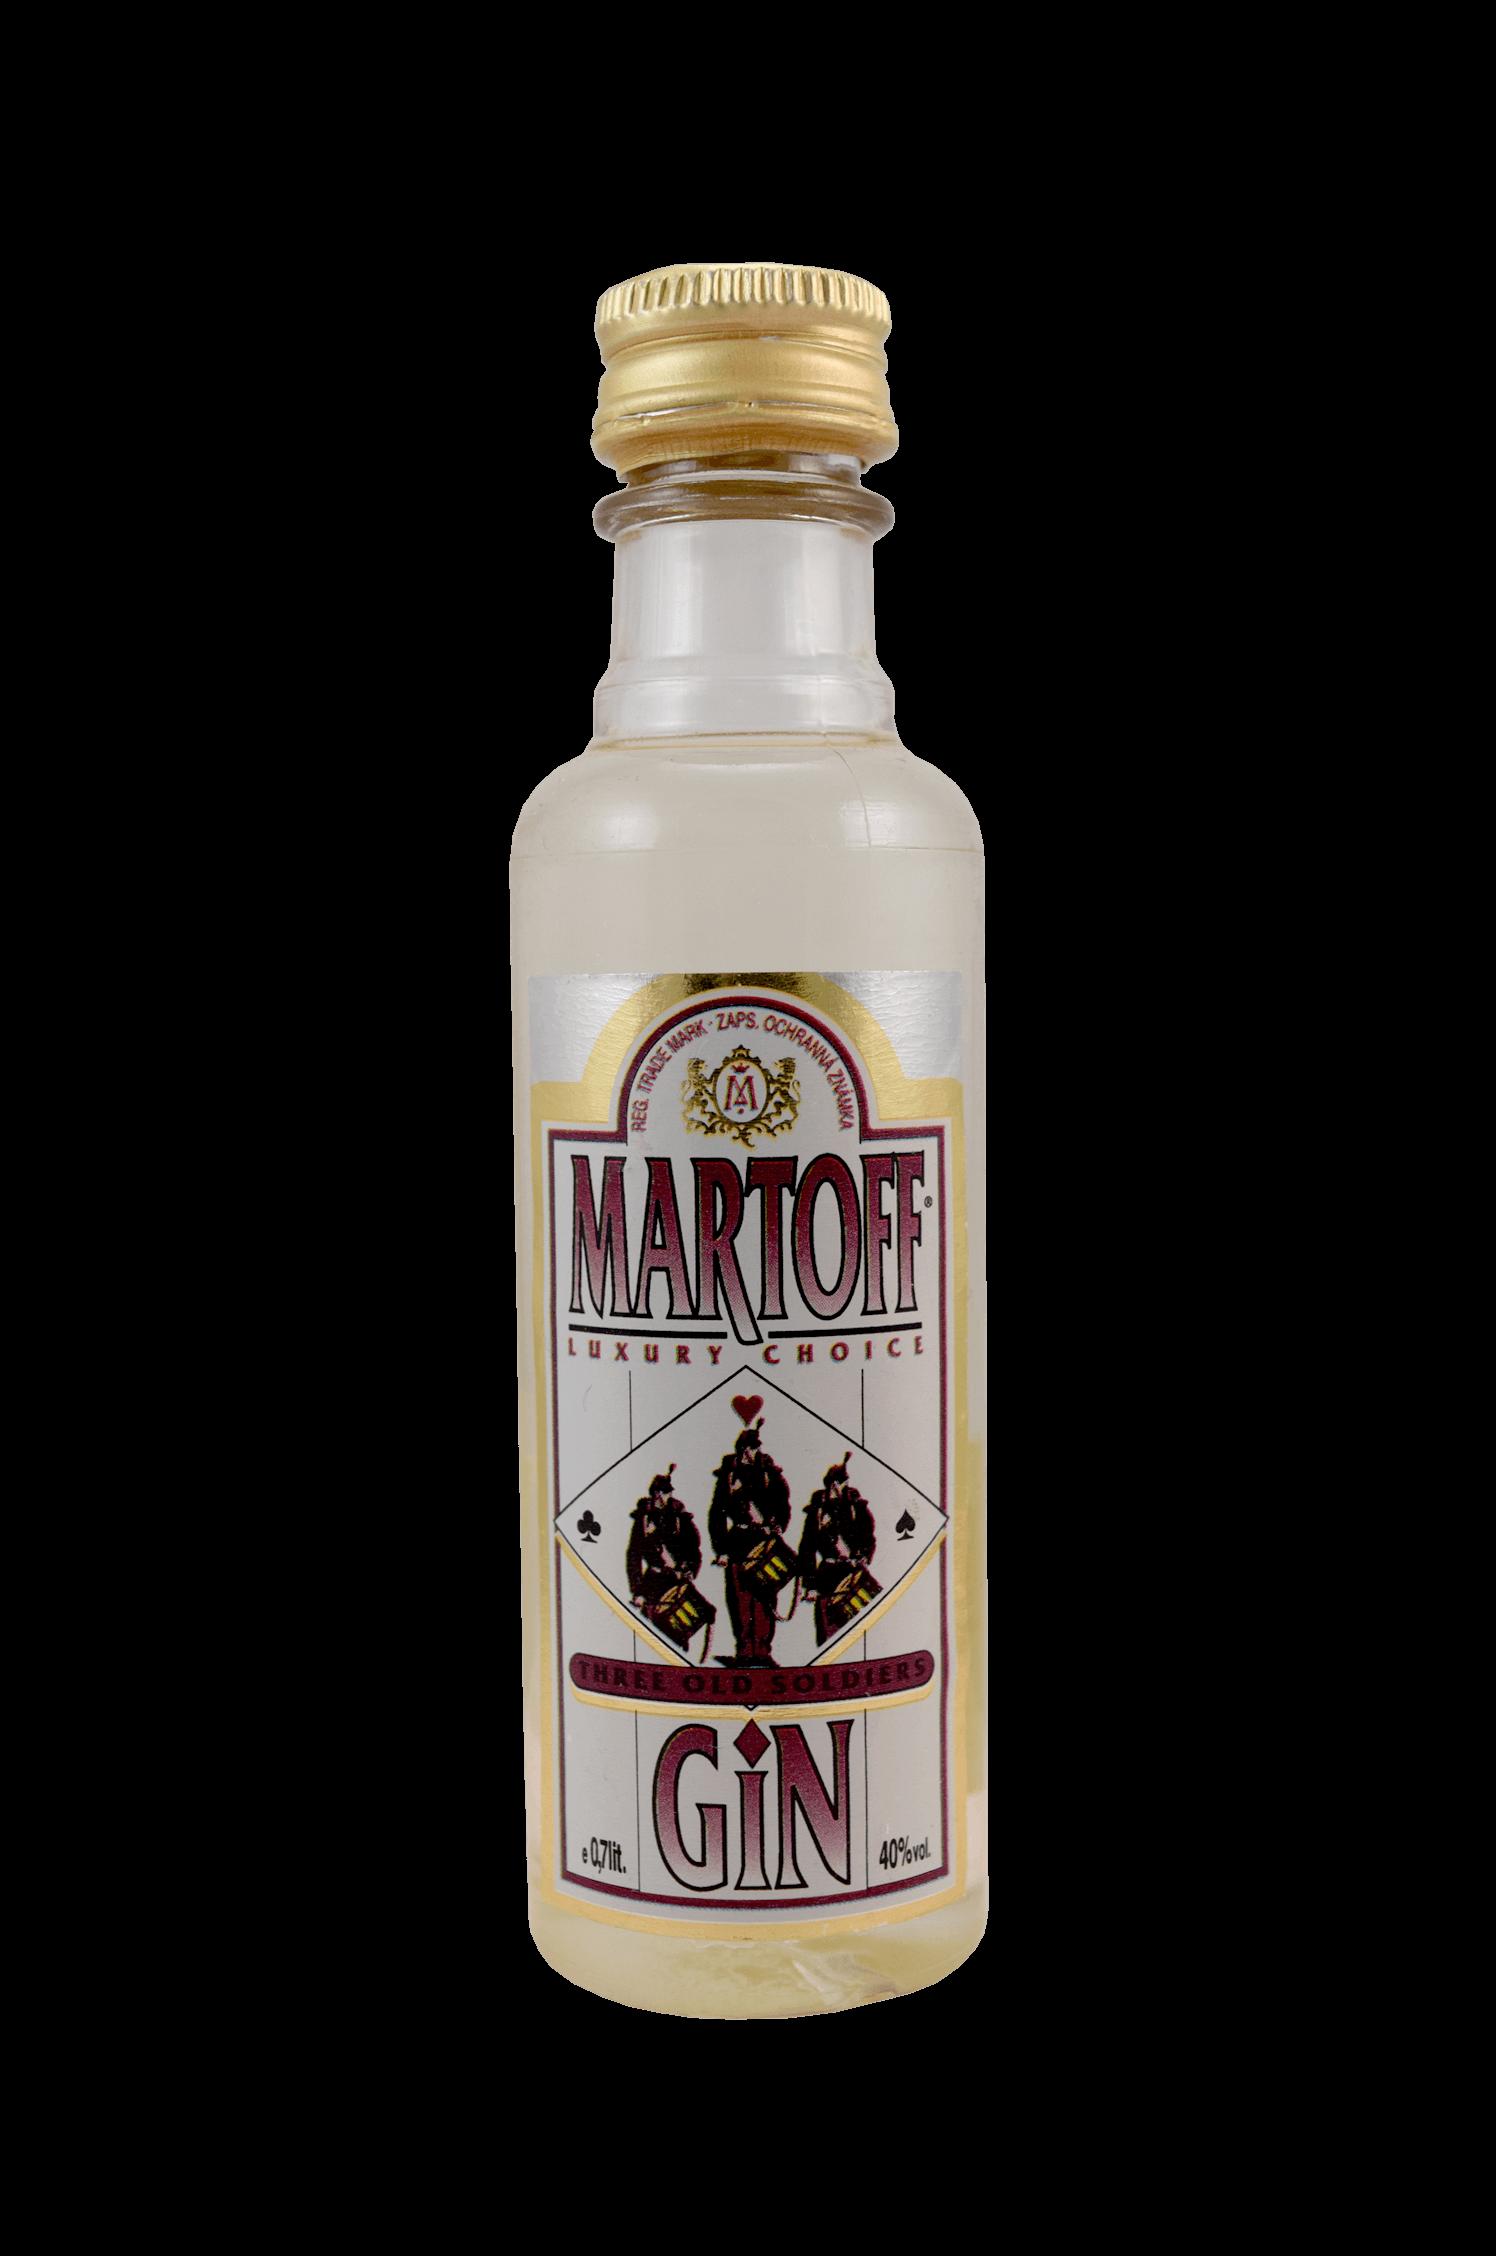 Martoff Gin